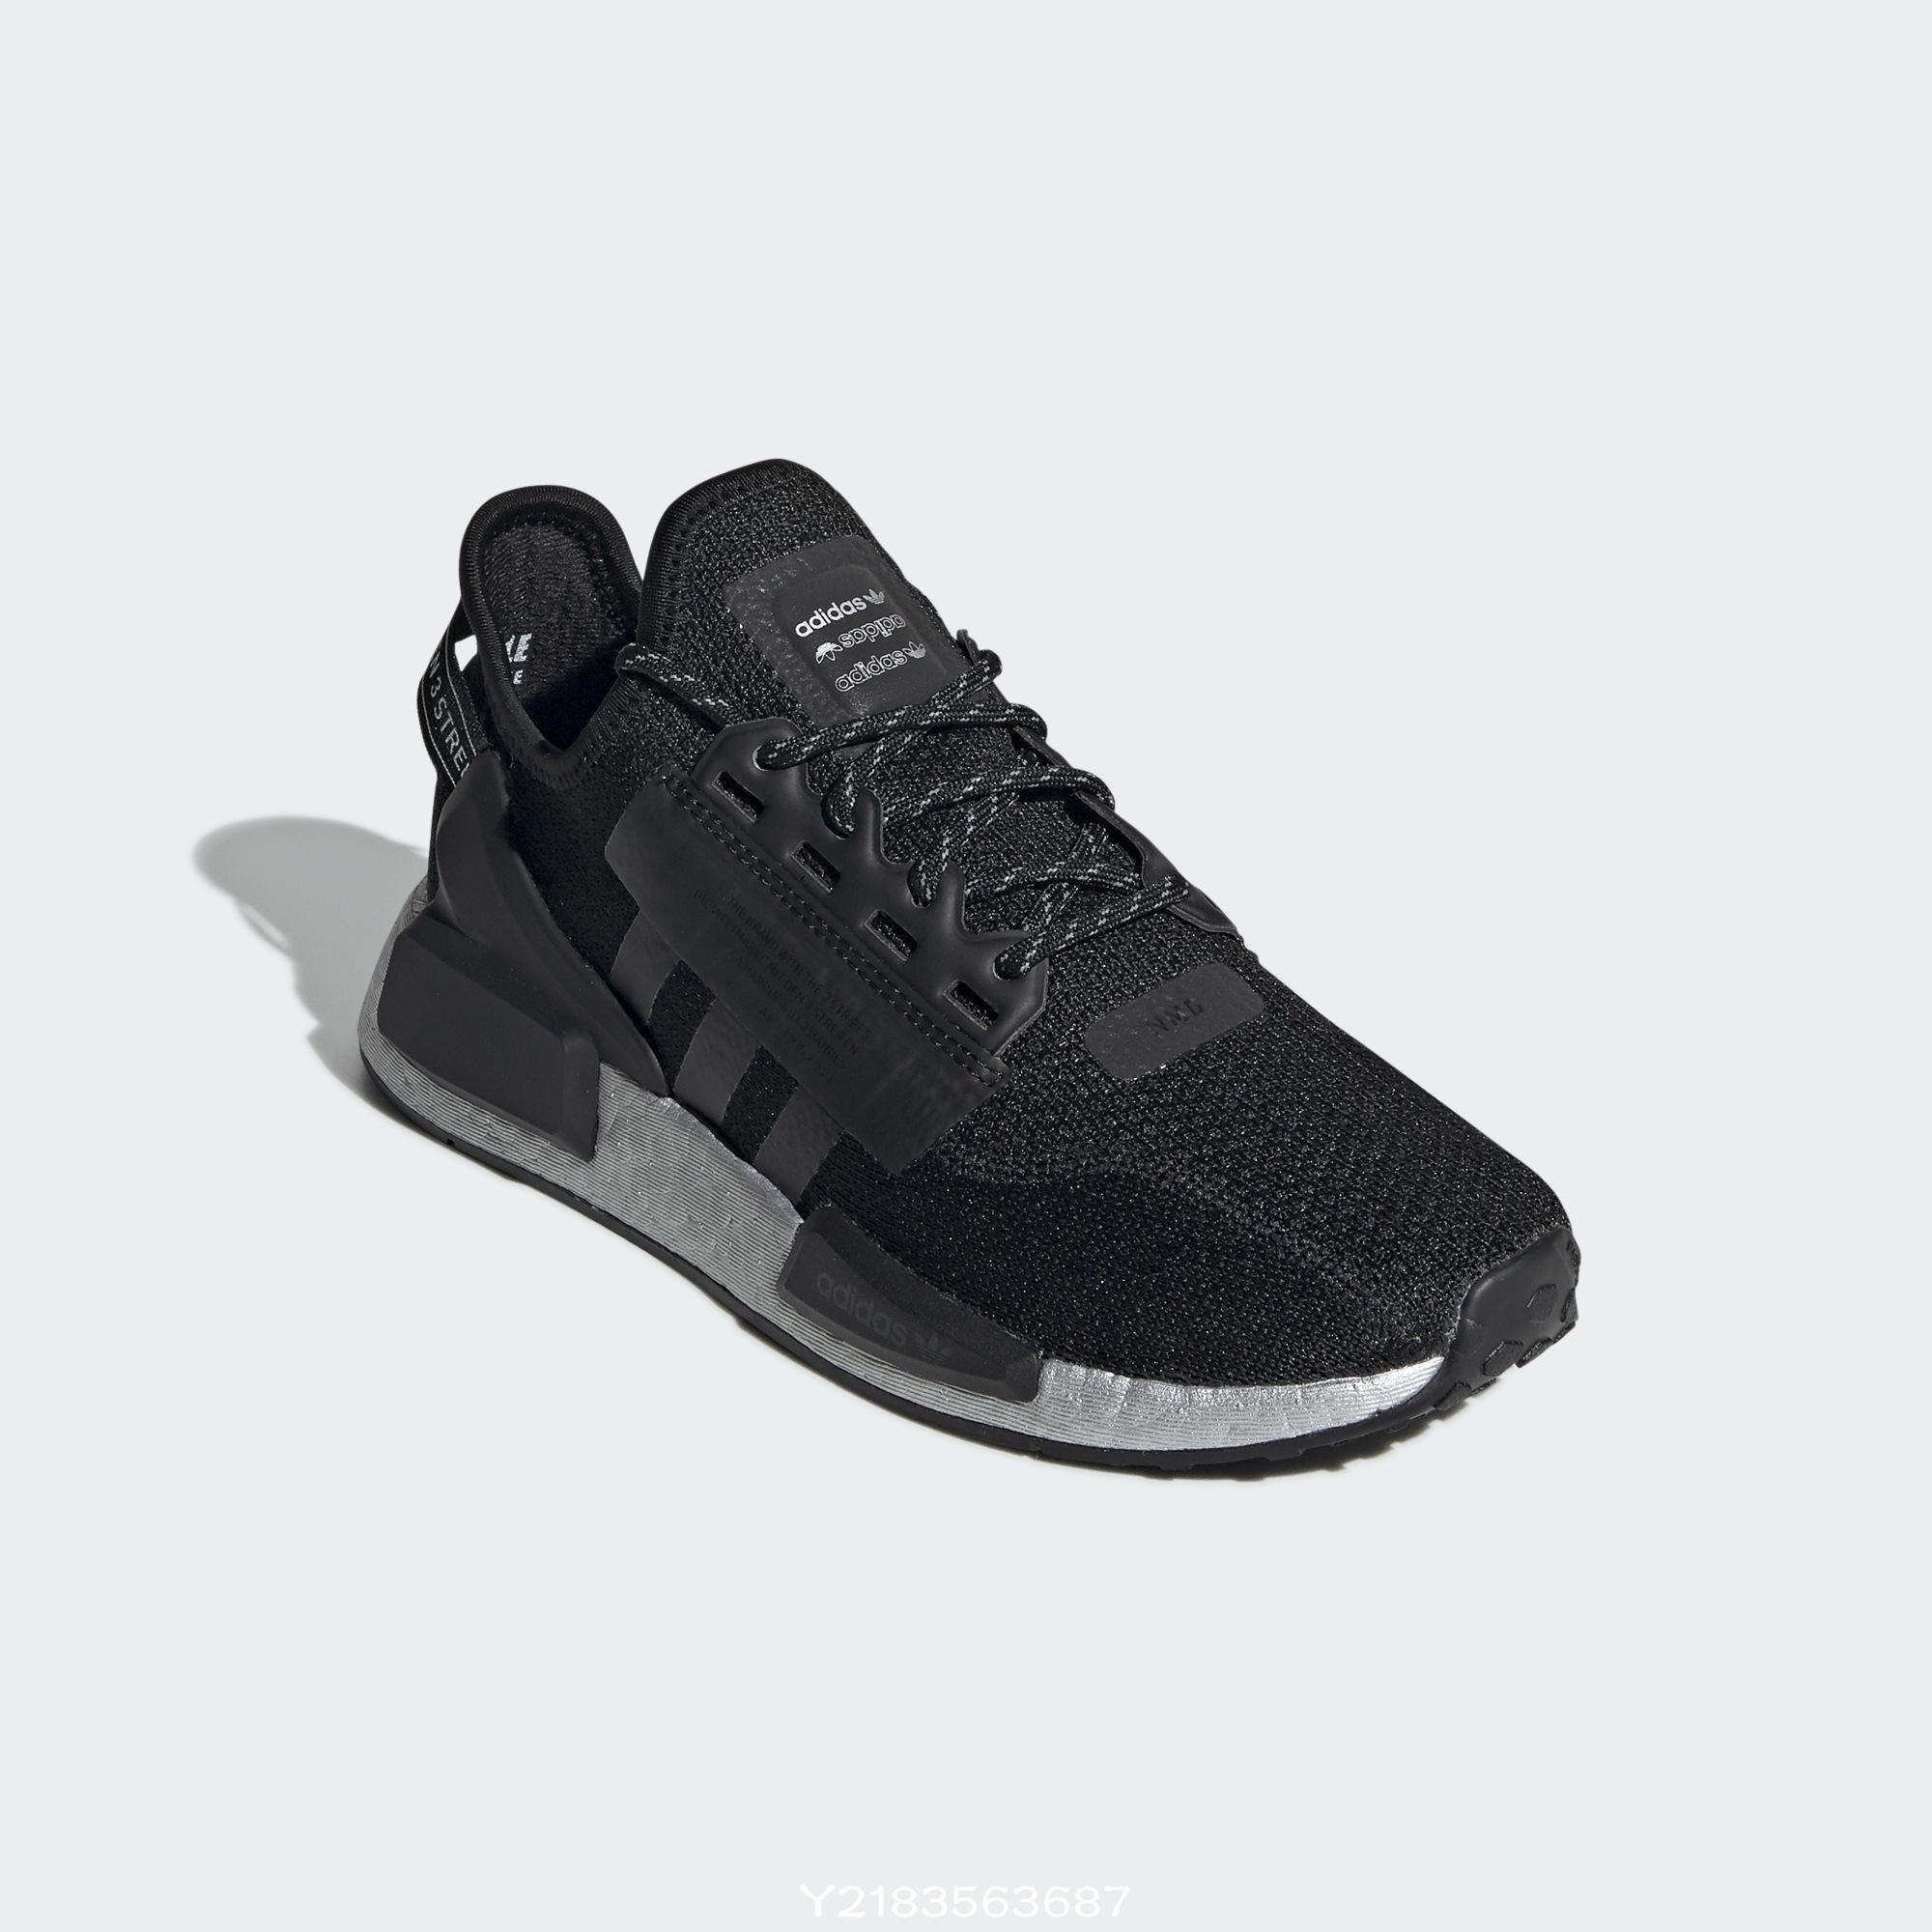 2019 12月 Adidas nmd R1 v2 w BOOST 黑銀色 復古 愛迪達  女段 Fw5449 休閒慢跑鞋